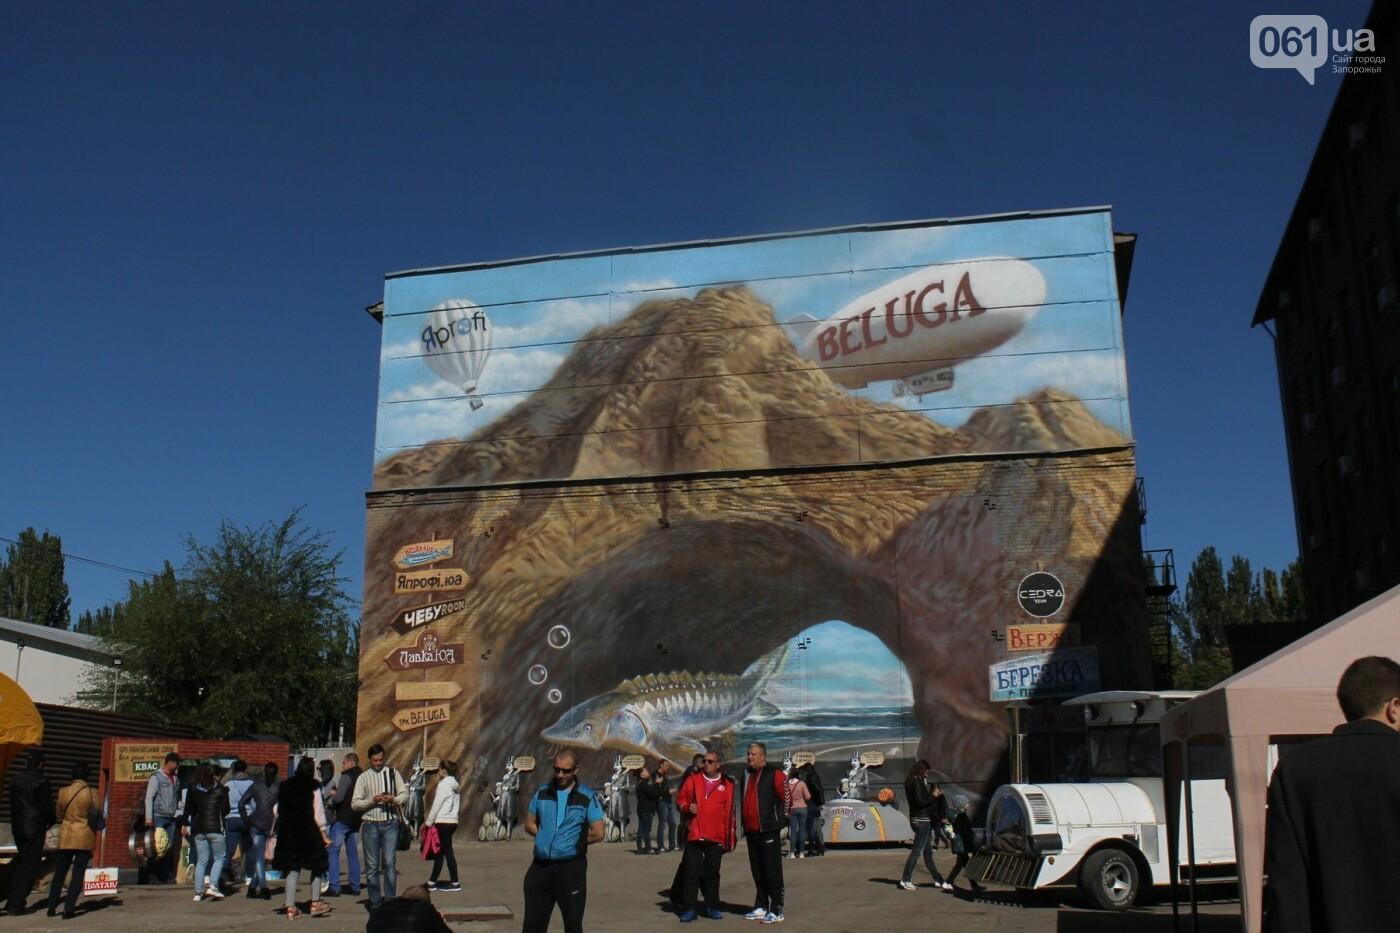 Как в Запорожье прошел пивной фестиваль «Beluga Beer fest», – ФОТОРЕПОРТАЖ, фото-36